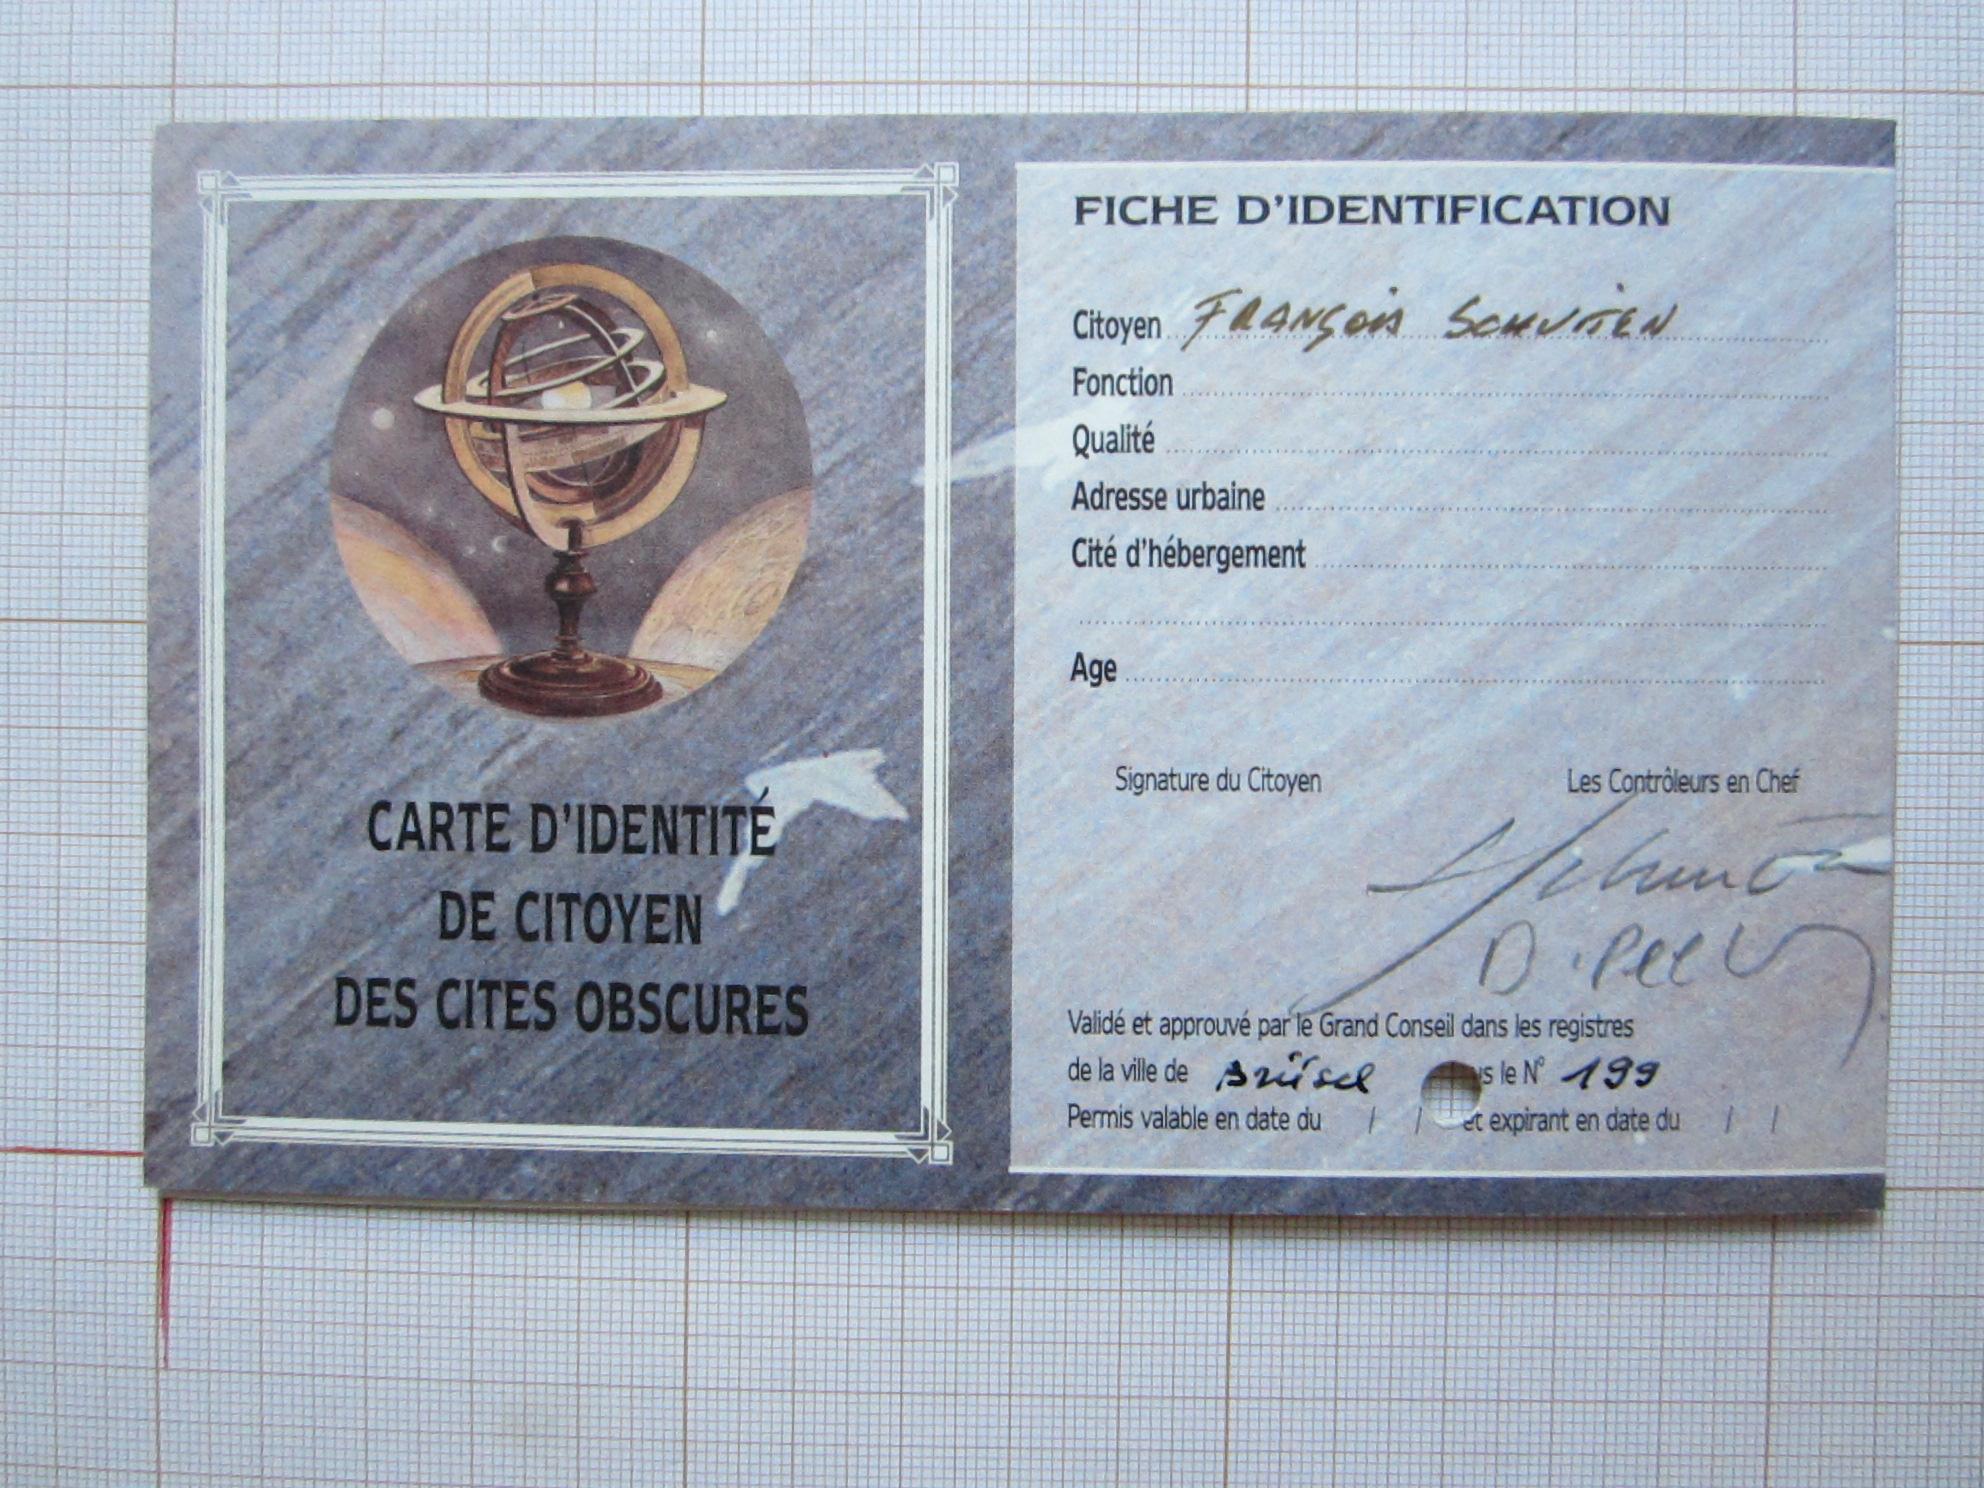 Carte d'identité de citoyen des Cités Obscures© François Schuiten / Benoît Peeters